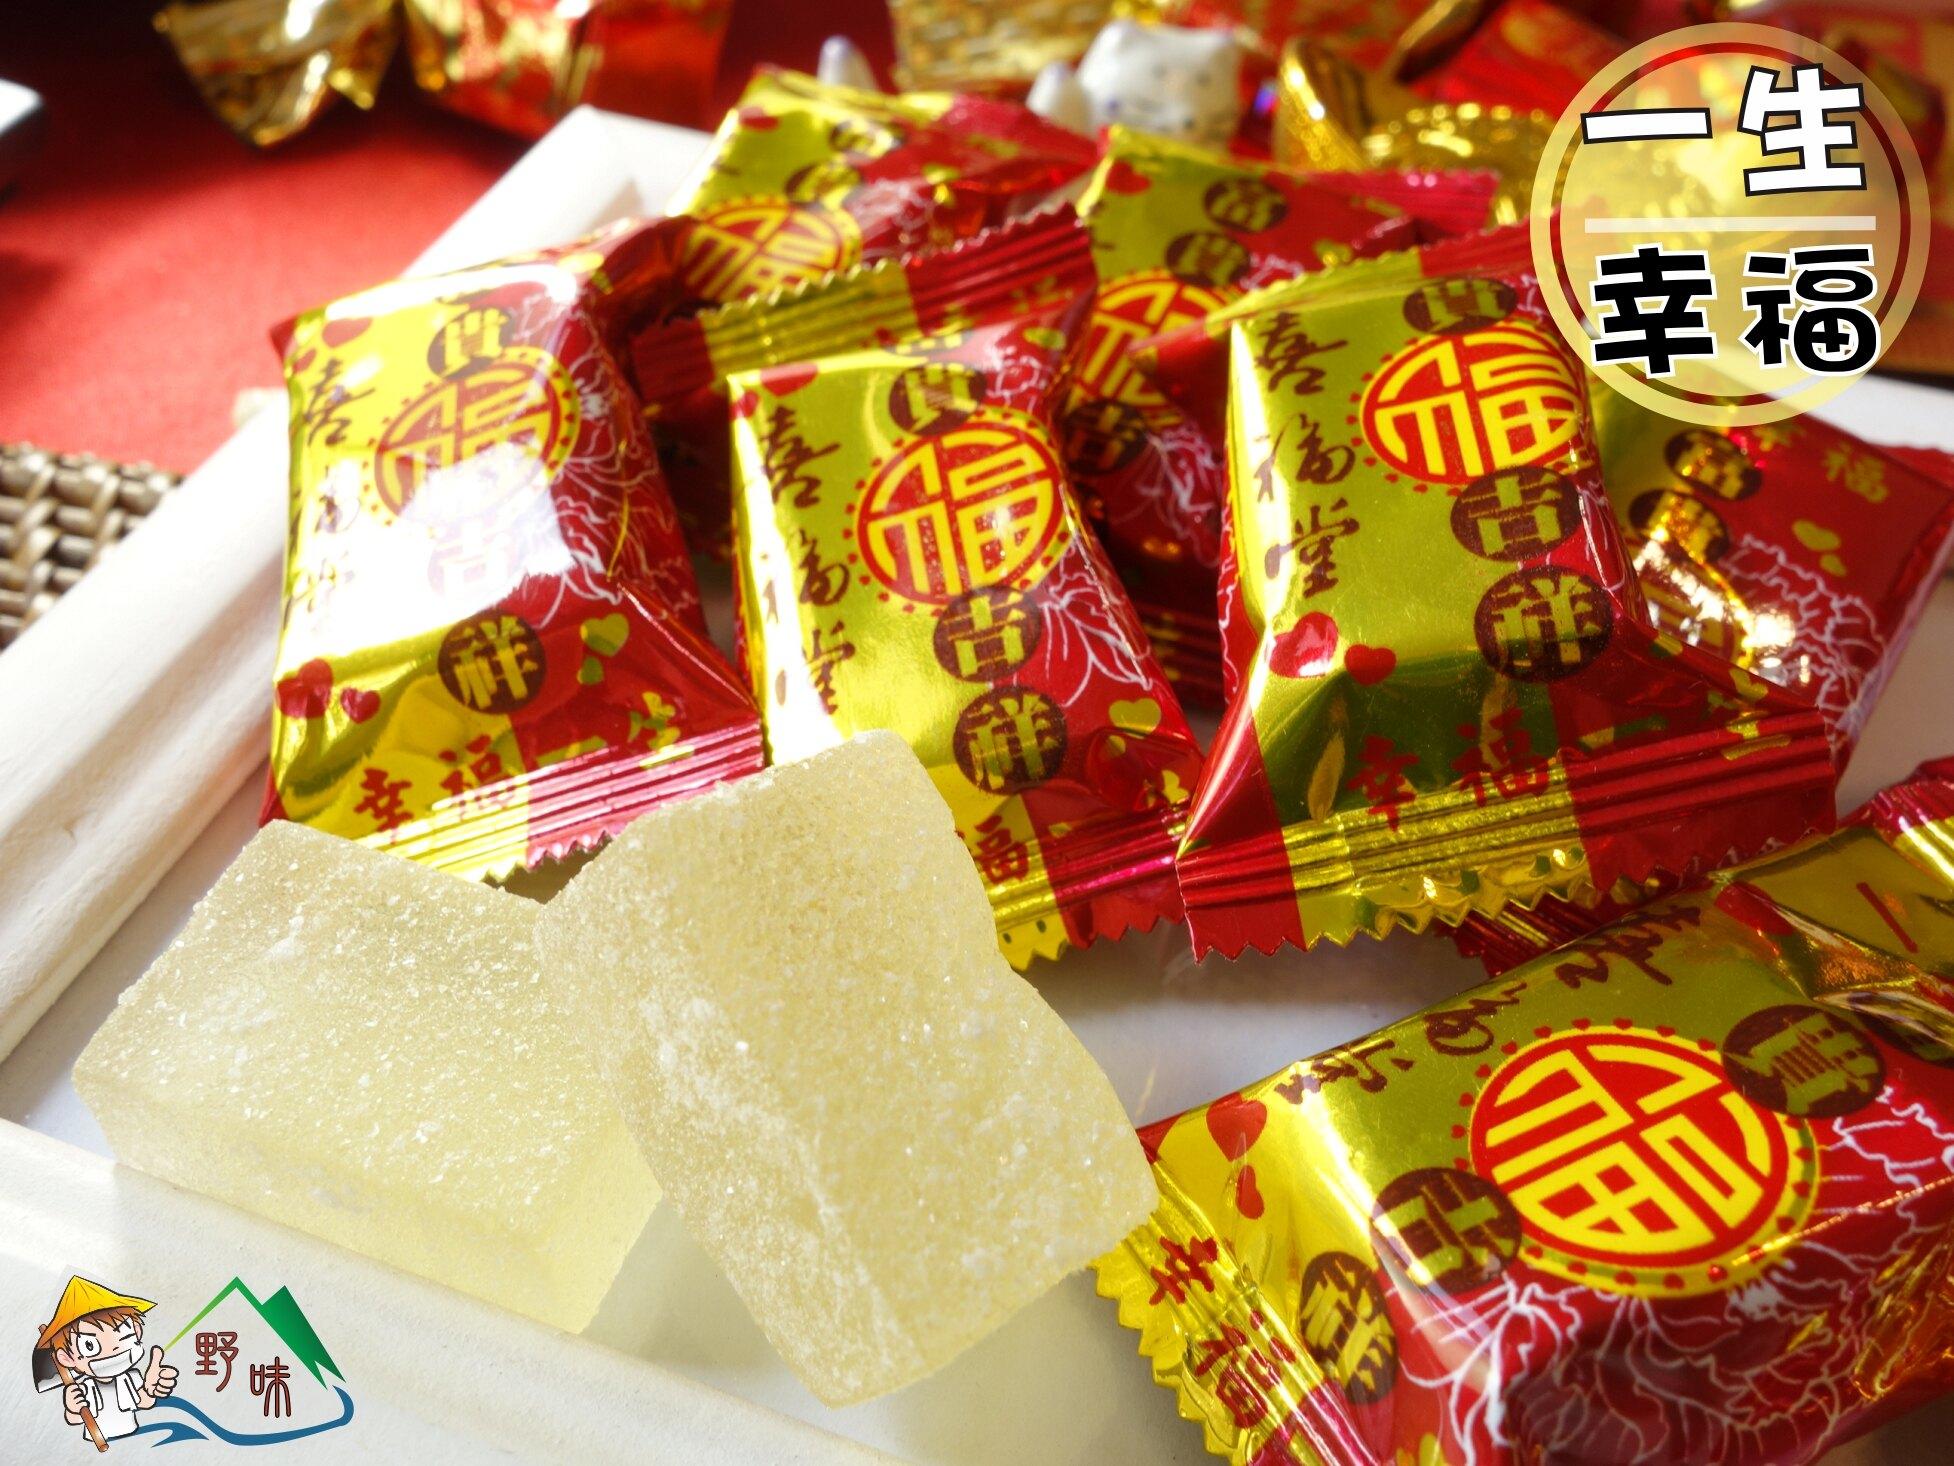 【野味食品】正佳珍 一生幸福水果軟糖190g/包,465g/包(富貴吉祥,水果風味軟糖,傳統軟糖,桃園實體店面出貨)